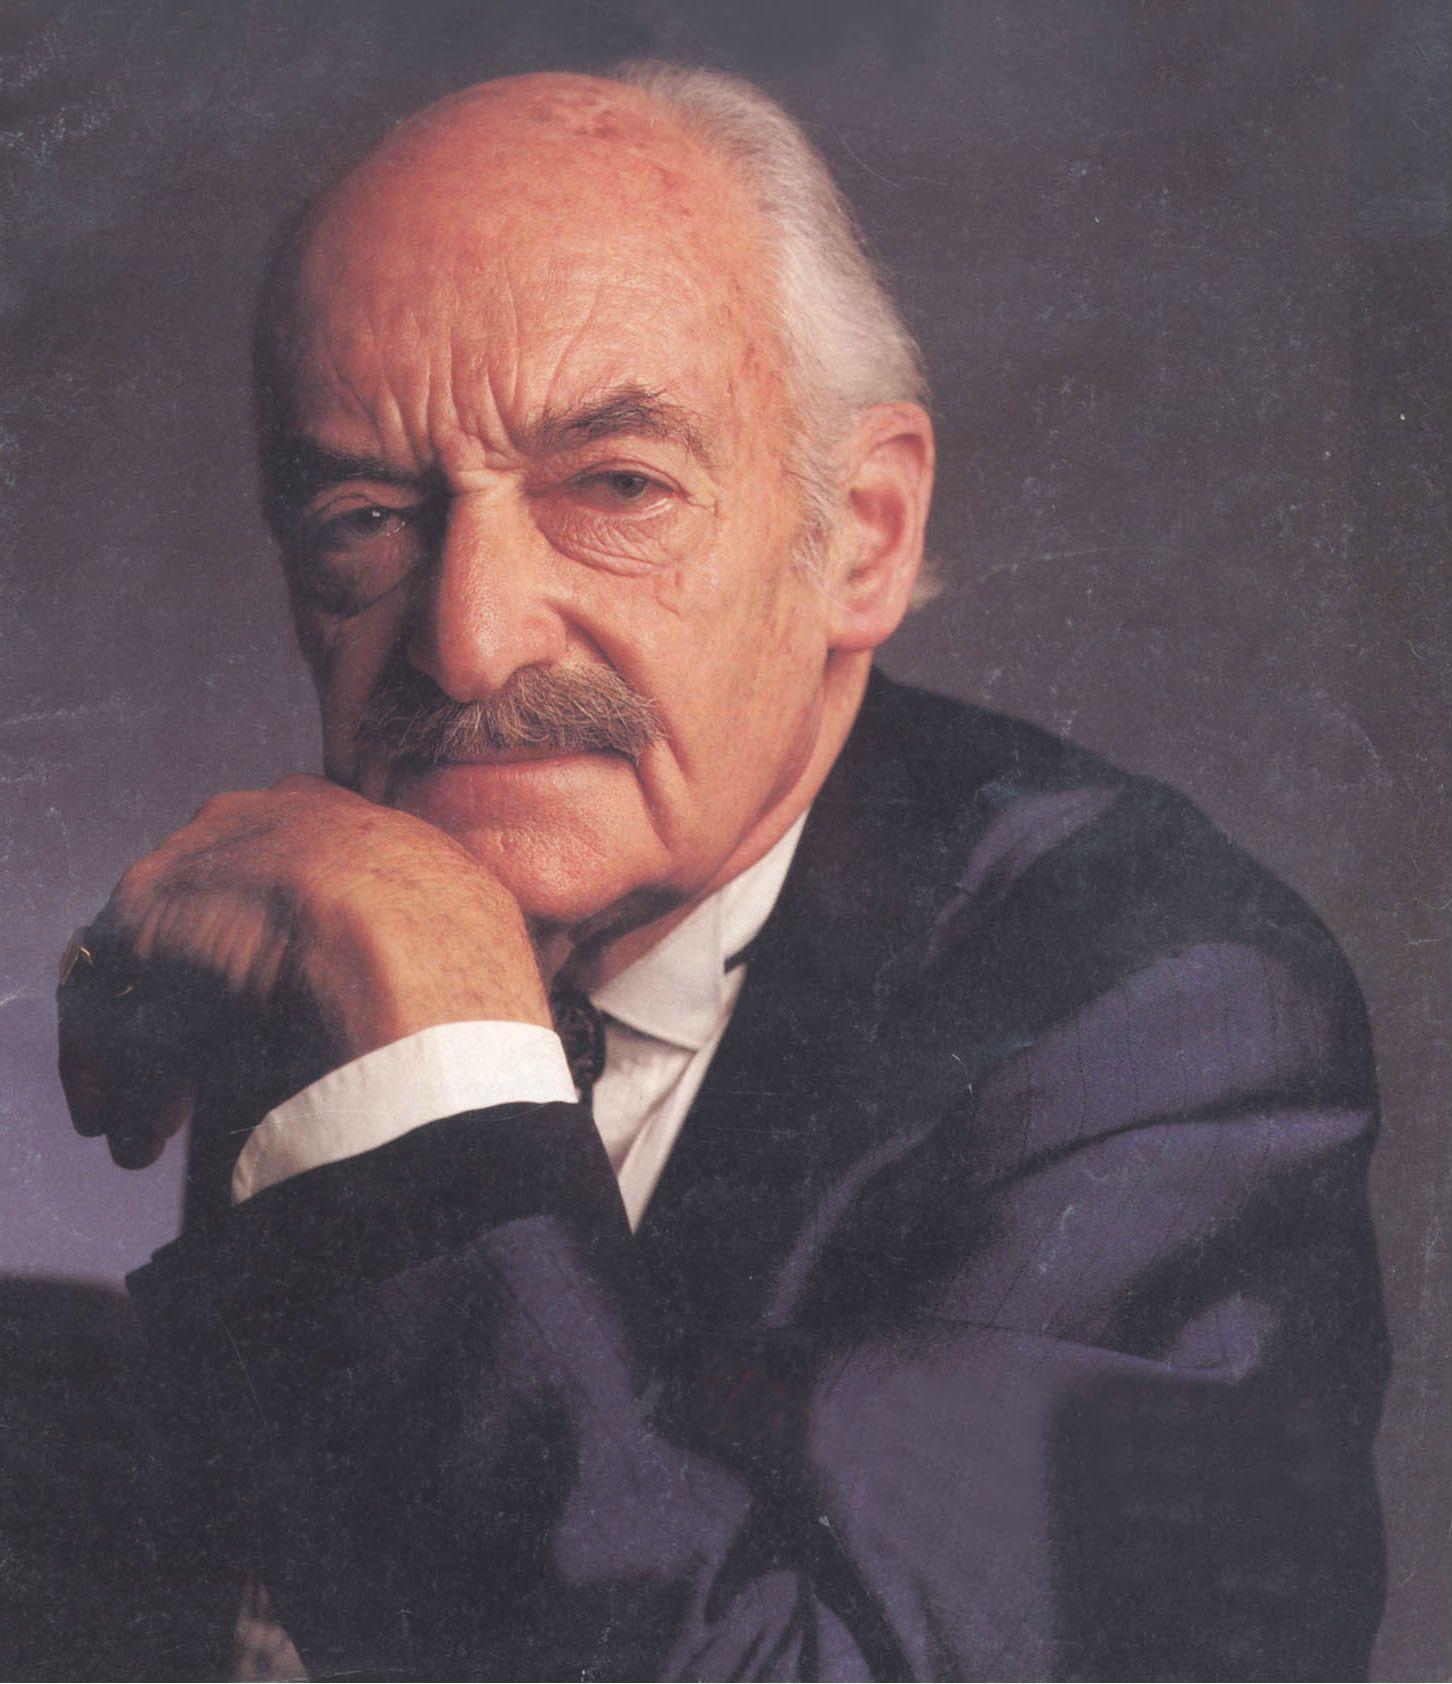 El ilusionista René Lavand tenía 86 años y larga carrera que se inició en el teatro de revistas en Buenos Aires.